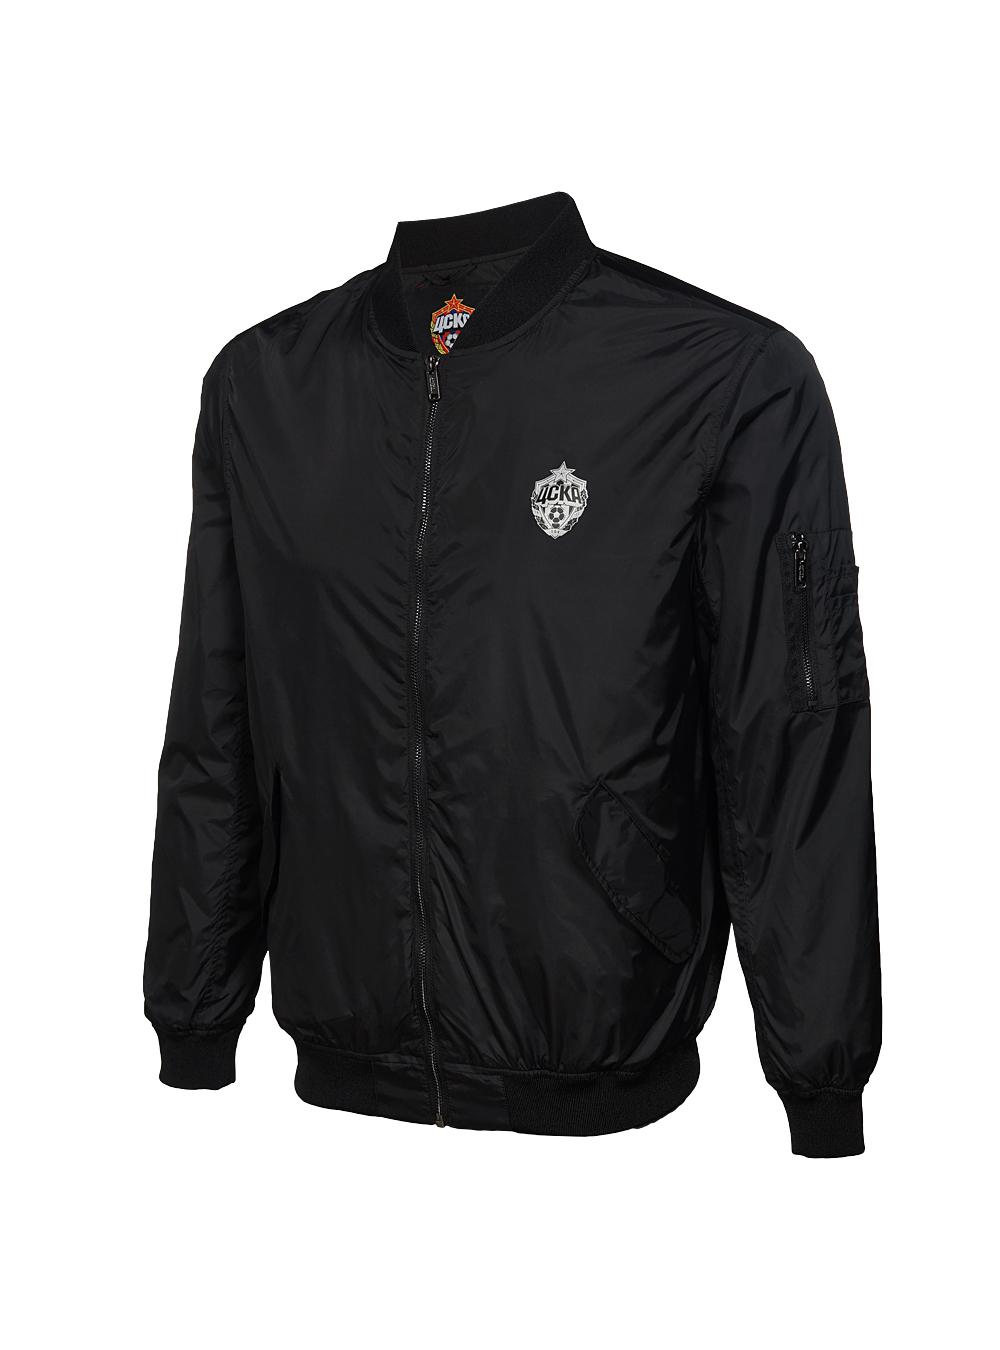 Купить Куртка-бомбер, цвет чёрный (M) по Нижнему Новгороду